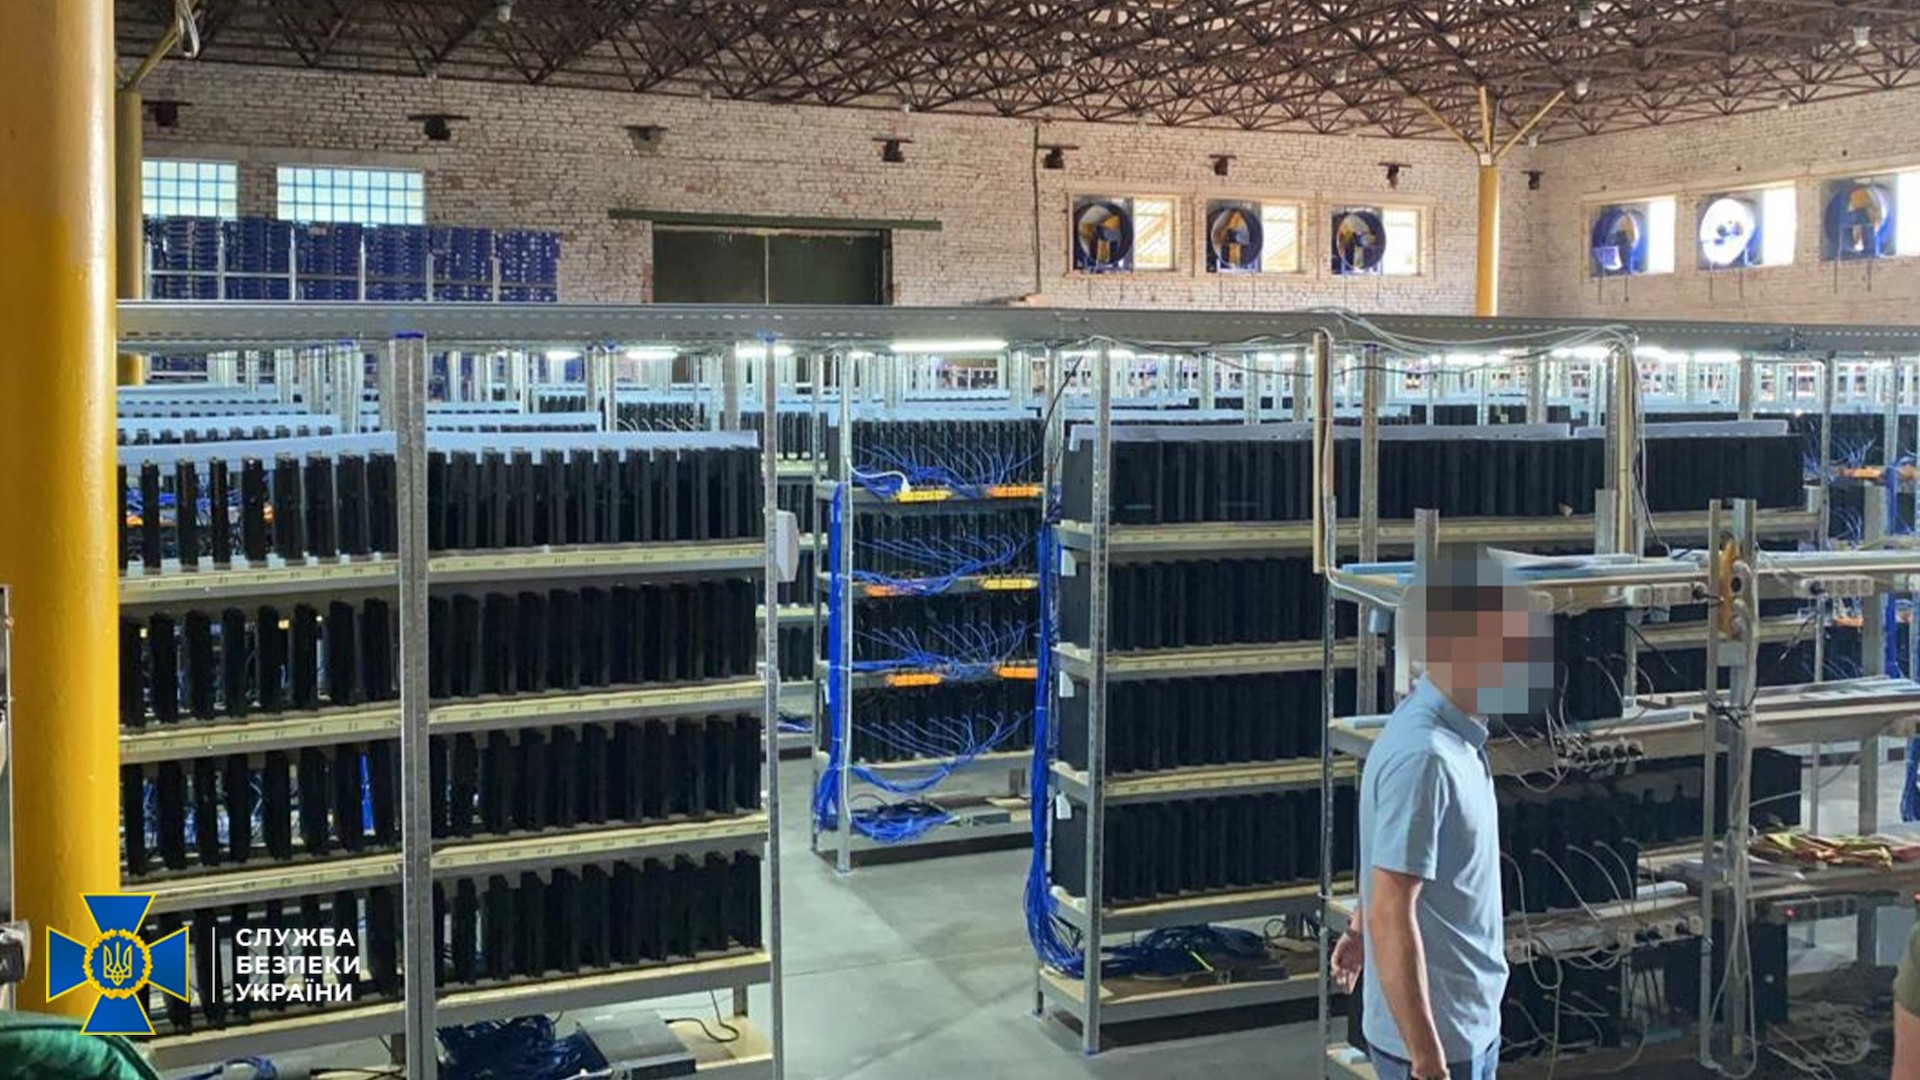 Soupçonnées miner des bitcoin, les PS4 d'un hangar ukrainien accumulaient en réalité un autre type de monnaie virtuelle, utile uniquement sur le jeu FIFA.